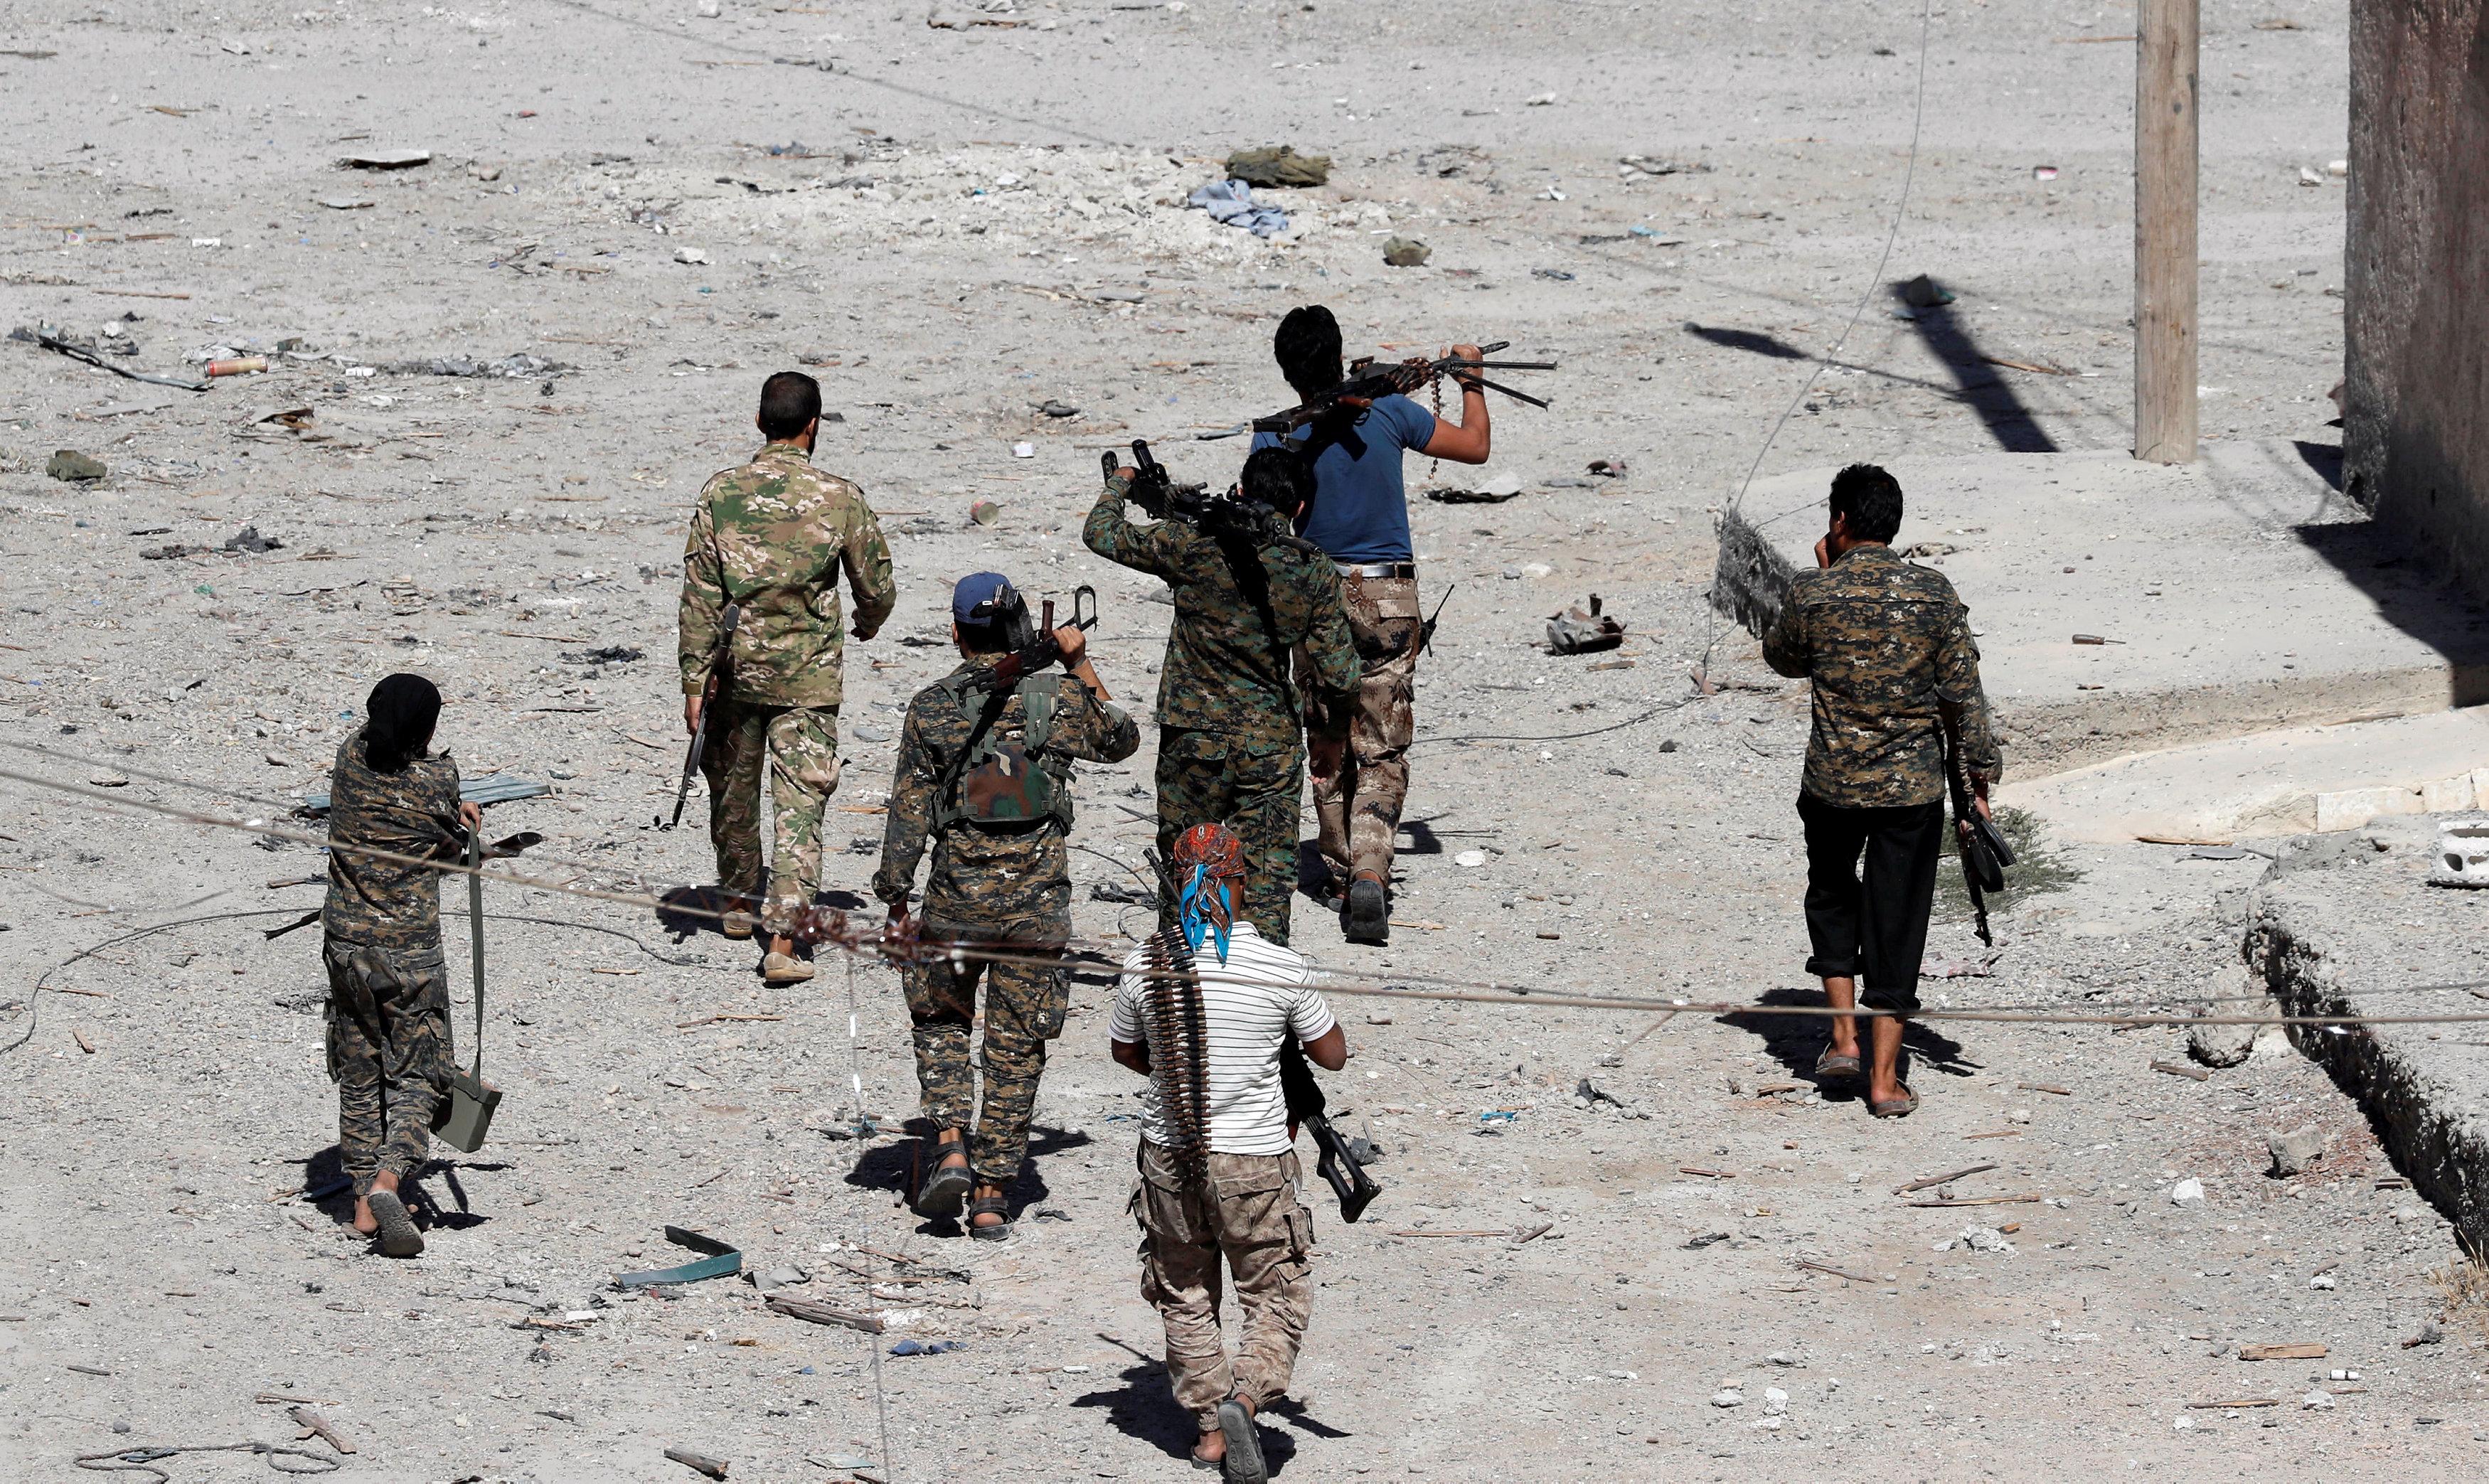 صورة الجيش السوري يقترب من الميادين معقل تنظيم داعش